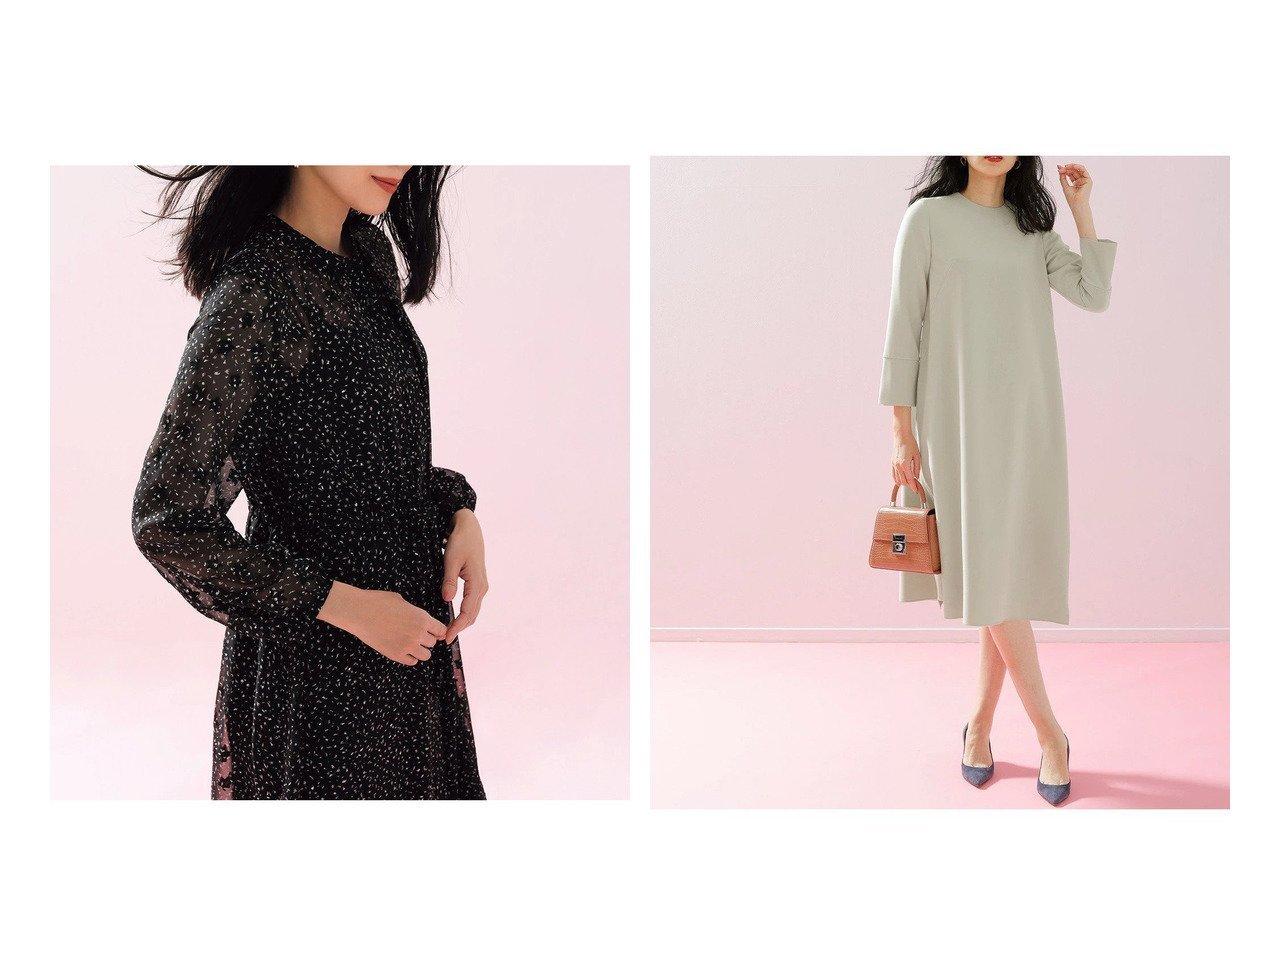 【DoCLASSE/ドゥクラッセ】のダブルクロス・ベルト付き2WAYワンピース&シアージャカード・プリントワンピース 40代、50代の女性におすすめ!人気トレンド・ファッションの通販 おすすめで人気の流行・トレンド、ファッションの通販商品 メンズファッション・キッズファッション・インテリア・家具・レディースファッション・服の通販 founy(ファニー) https://founy.com/ ファッション Fashion レディースファッション WOMEN ワンピース Dress ベルト Belts シェイプ シフォン ジャカード プリント モノトーン ロマンティック シンプル ダブル |ID:crp329100000028109